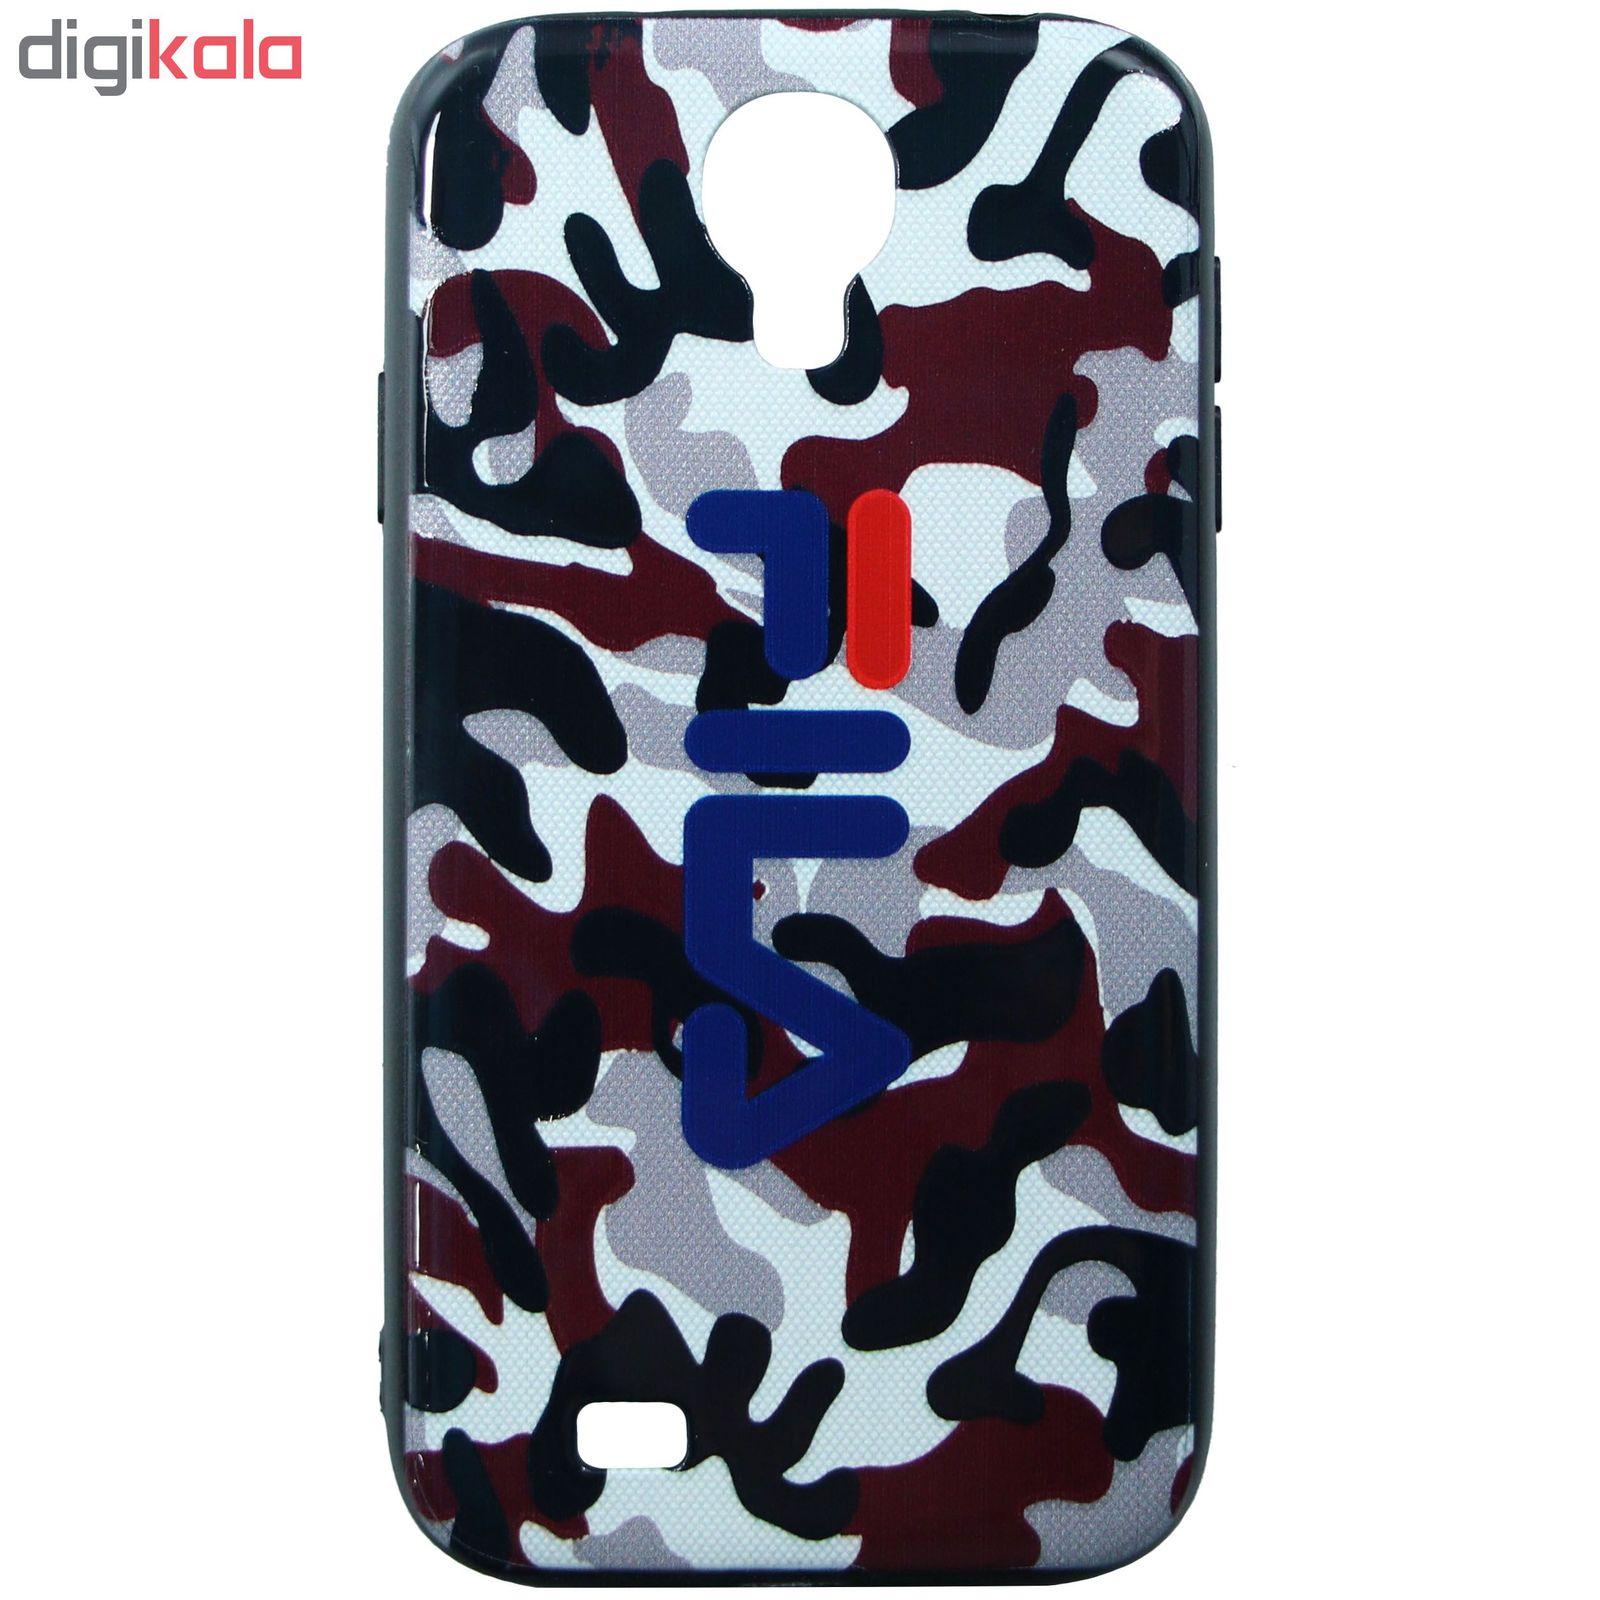 کاور مدل TJ-1 مناسب برای گوشی موبایل سامسونگ Galaxy s4 main 1 1